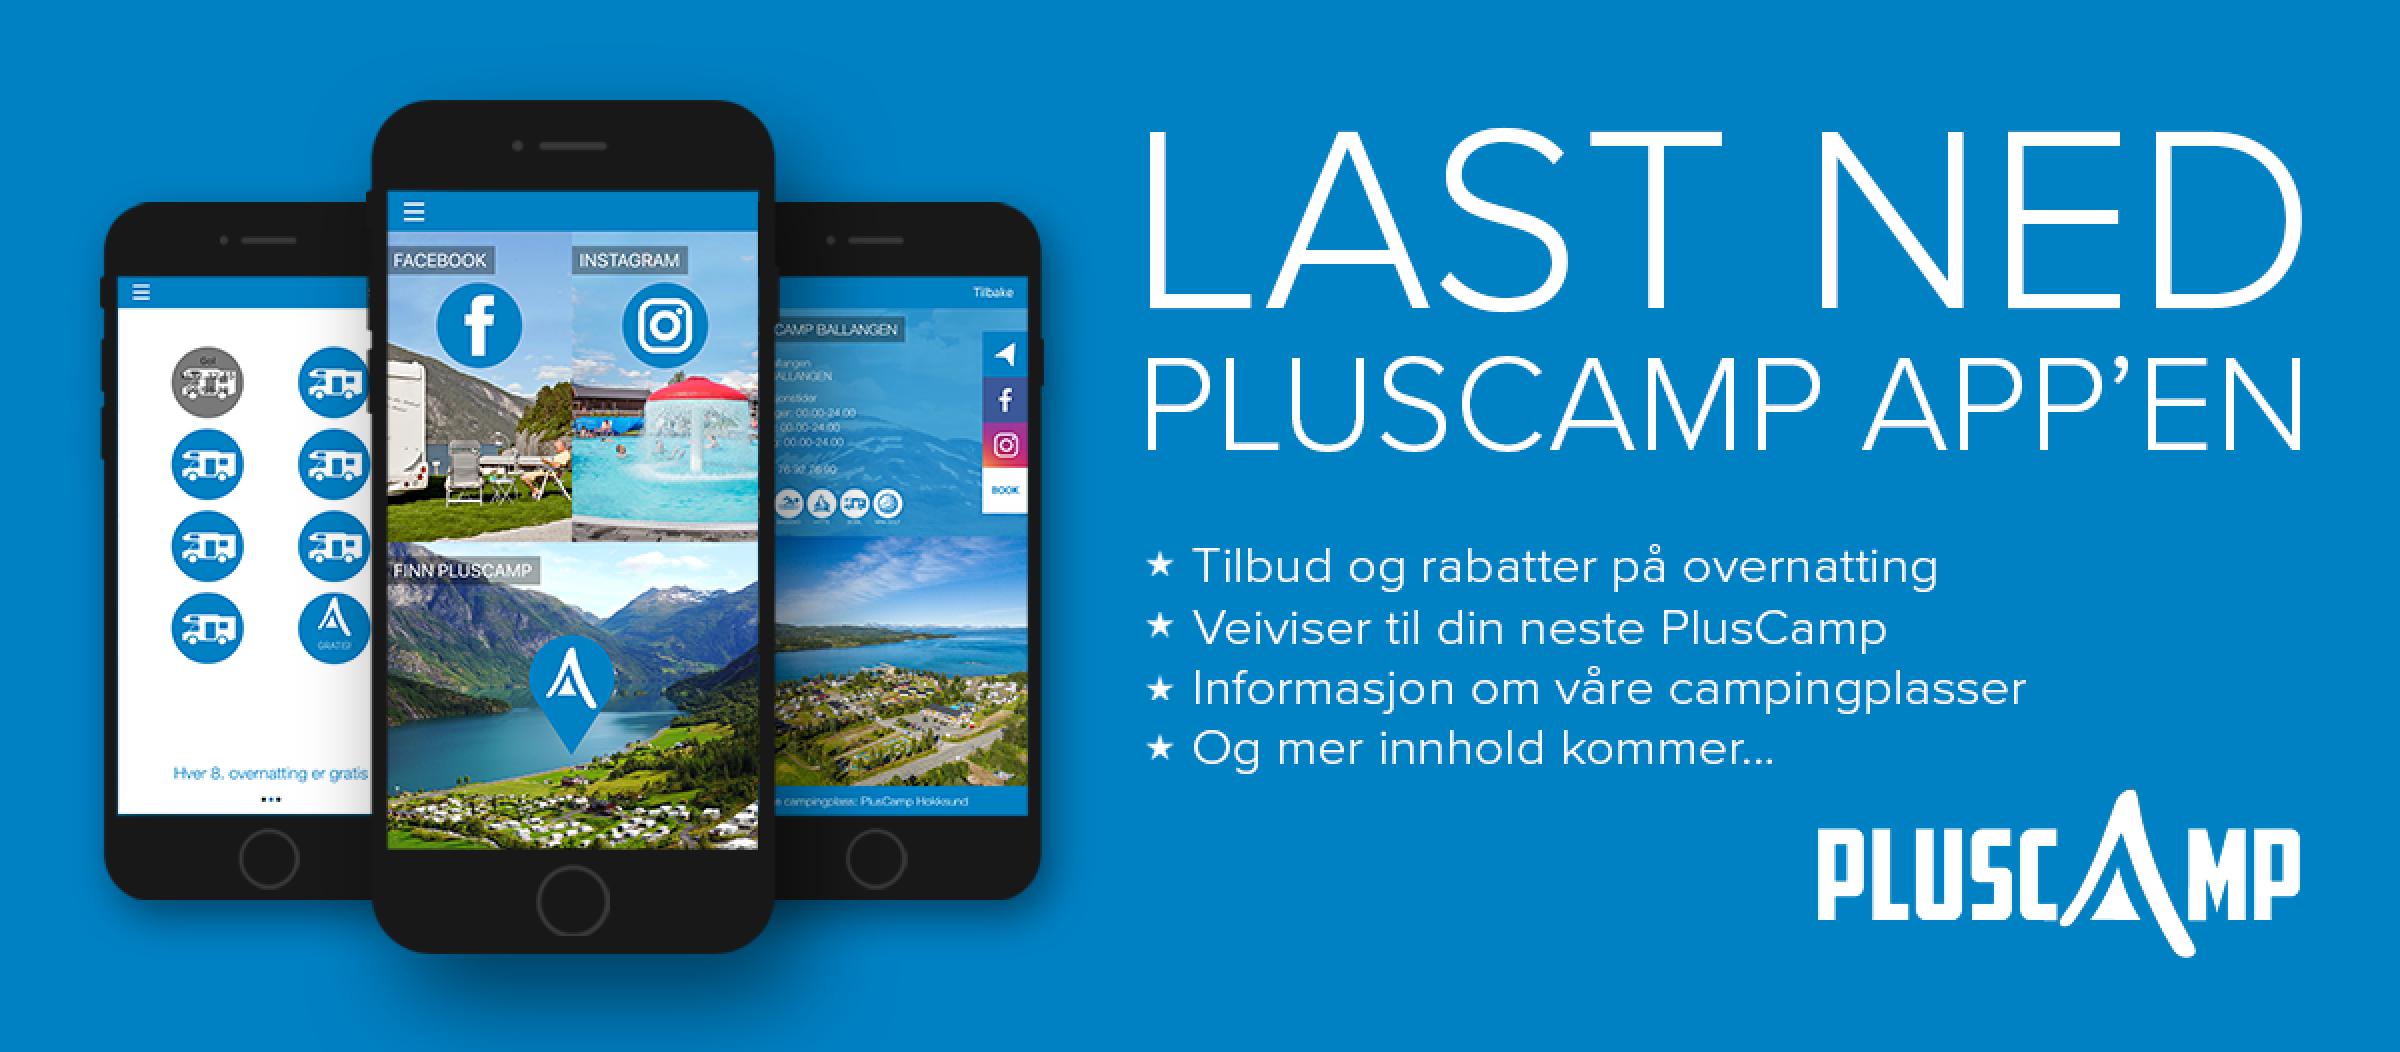 Laden Sie die Pluscamp-App herunter